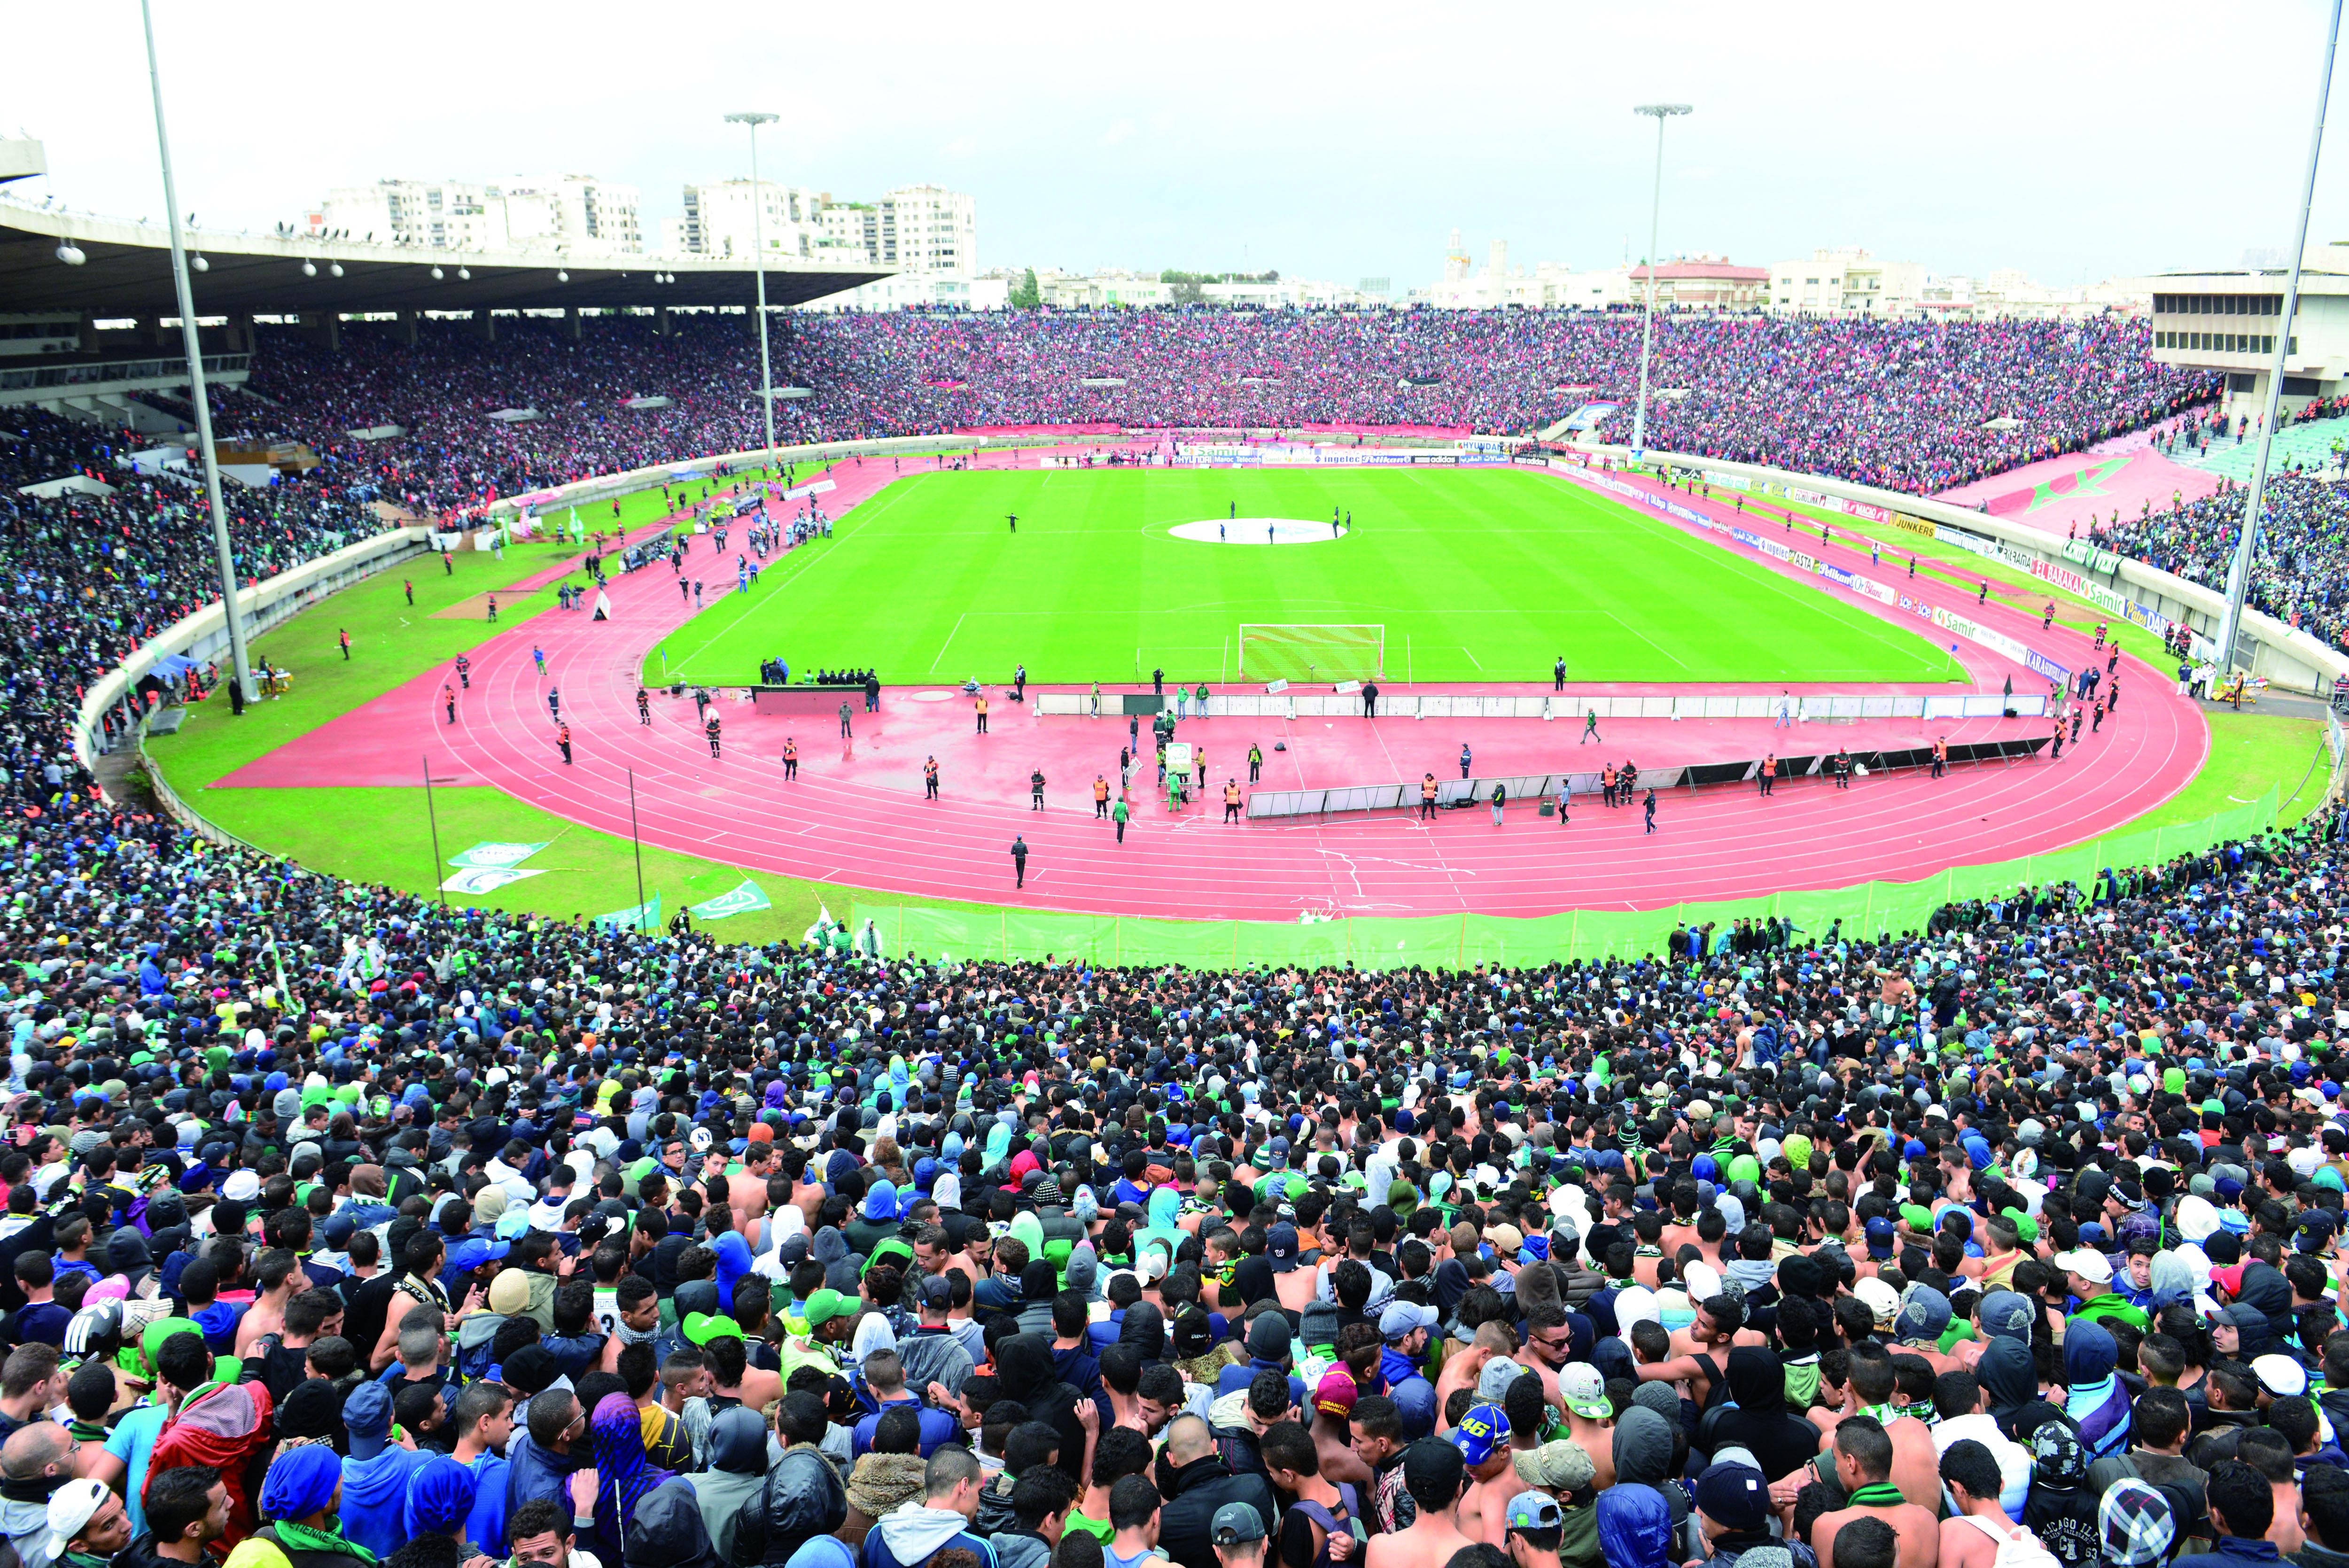 الناخب الفرنسي يبدي إعجابه بملعب مراكش ويكشف جزءا من برنامجه المقبل